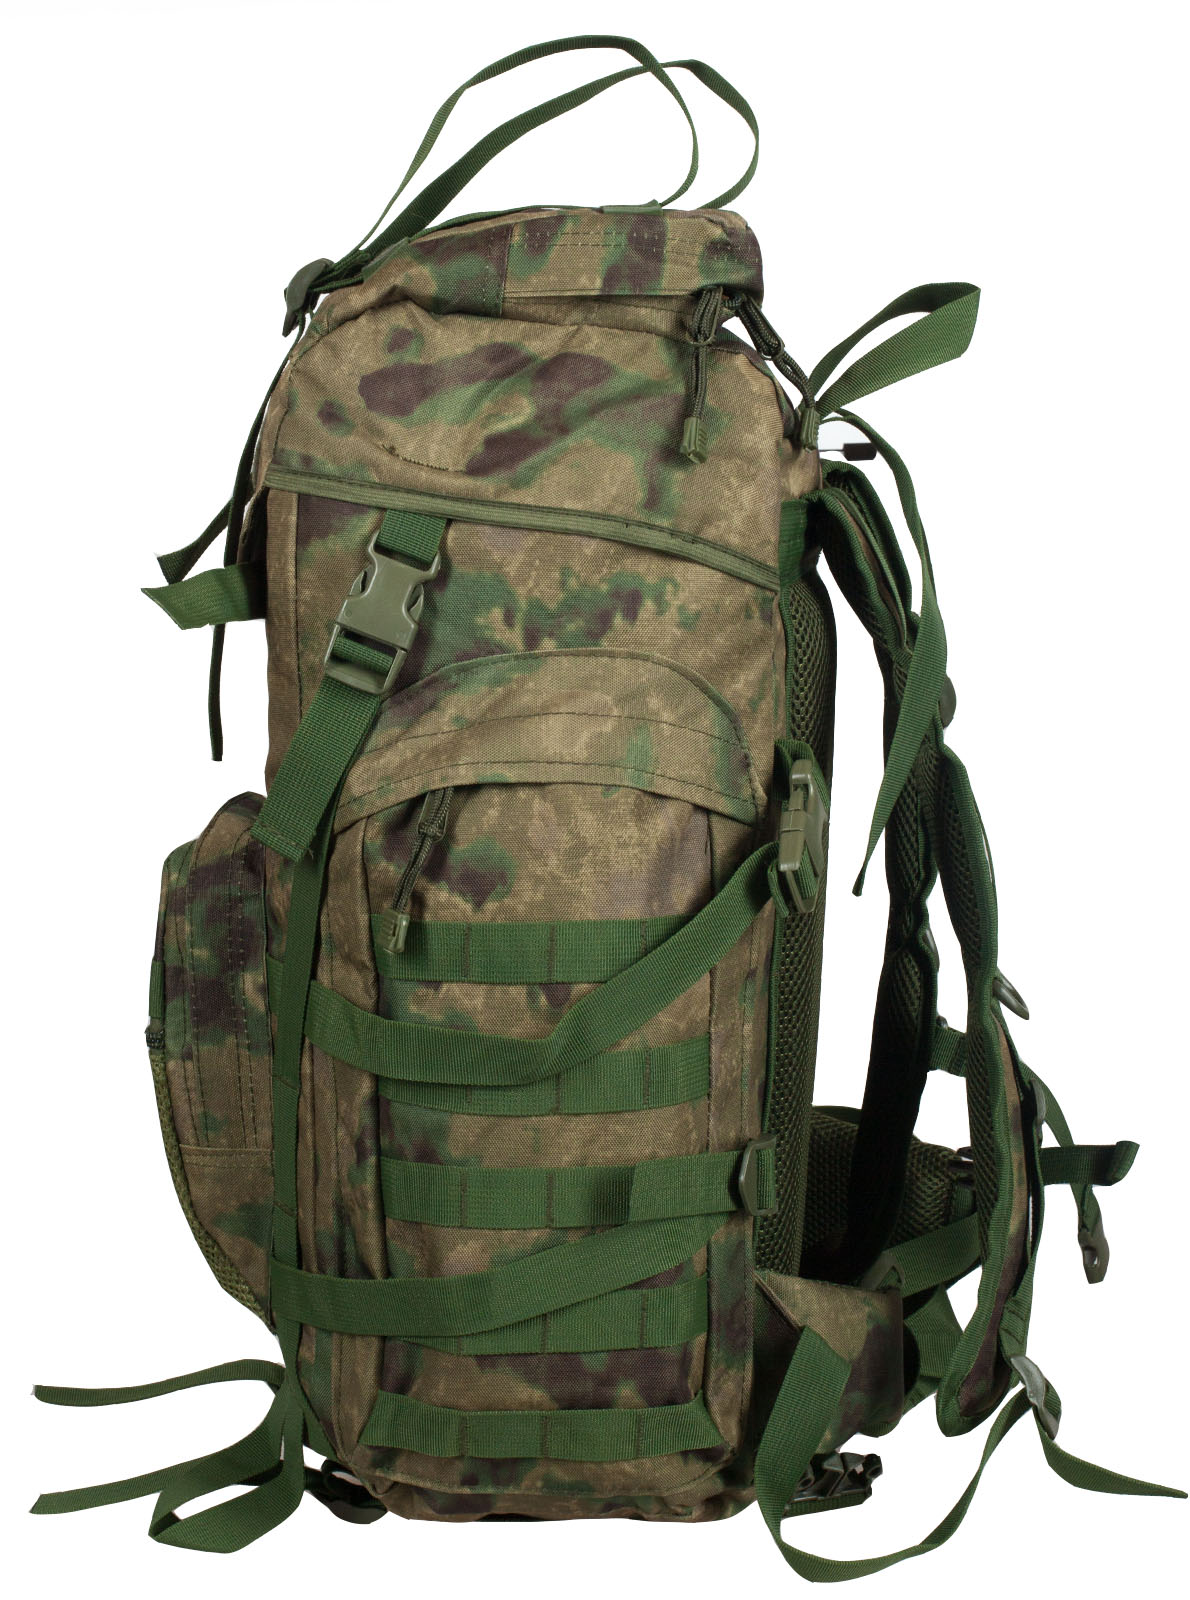 Военный заплечный рюкзак с нашивкой ДПС -т заказать с доставкой